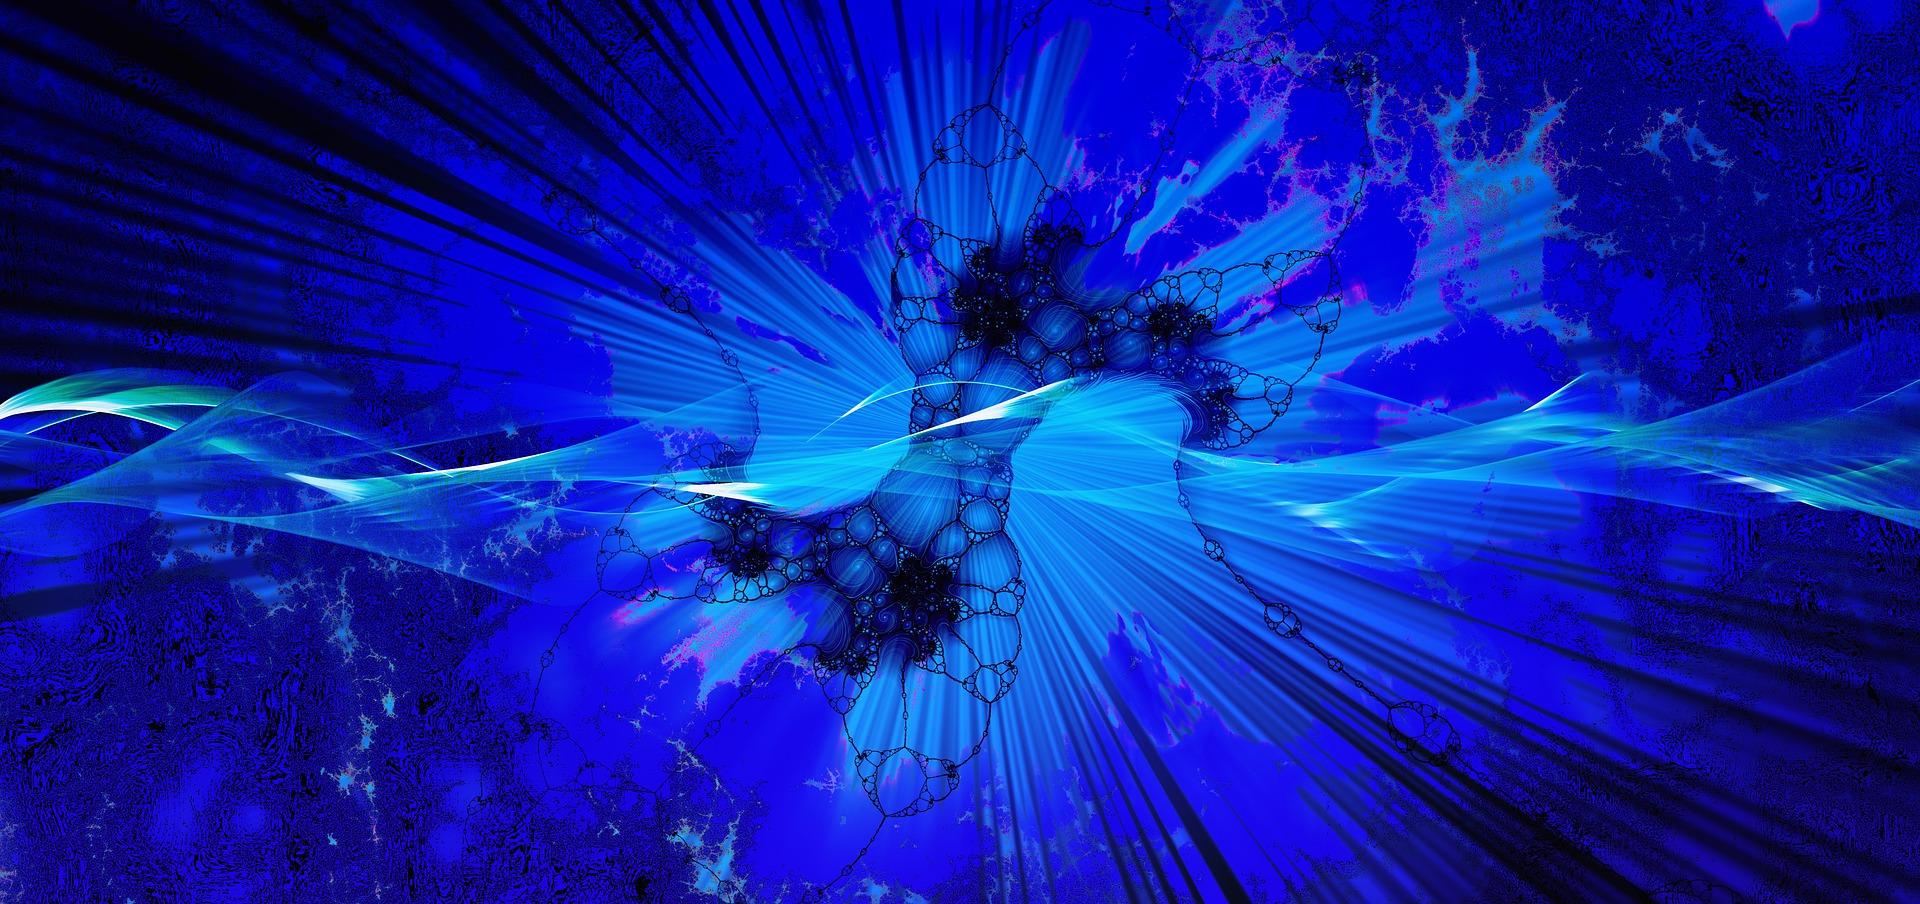 Nola probatu zeure burua ordenagailu kuantikoa?  IBM Quantum-i esker egin dezakezu